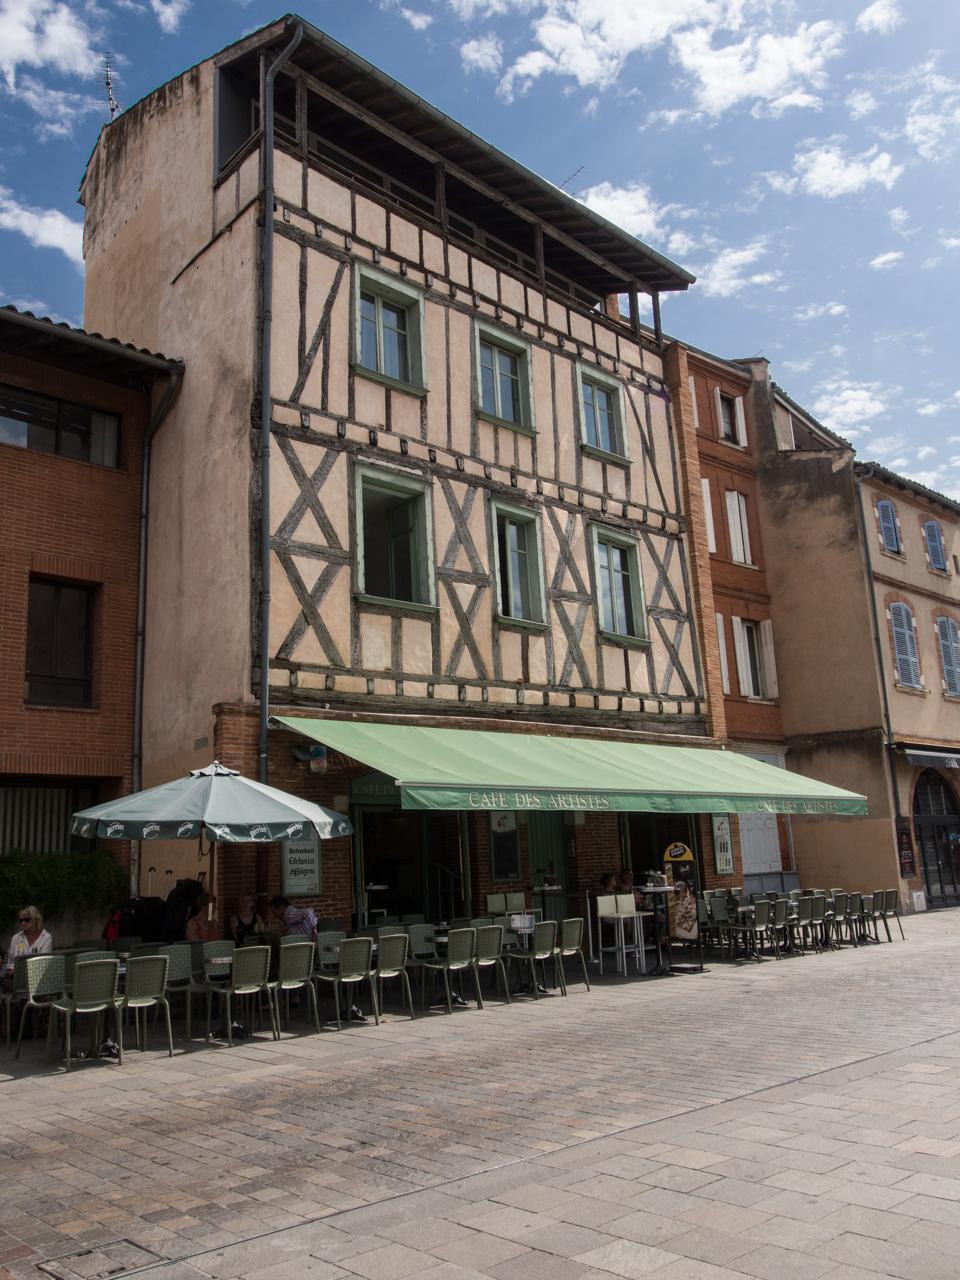 Place de la Daurade